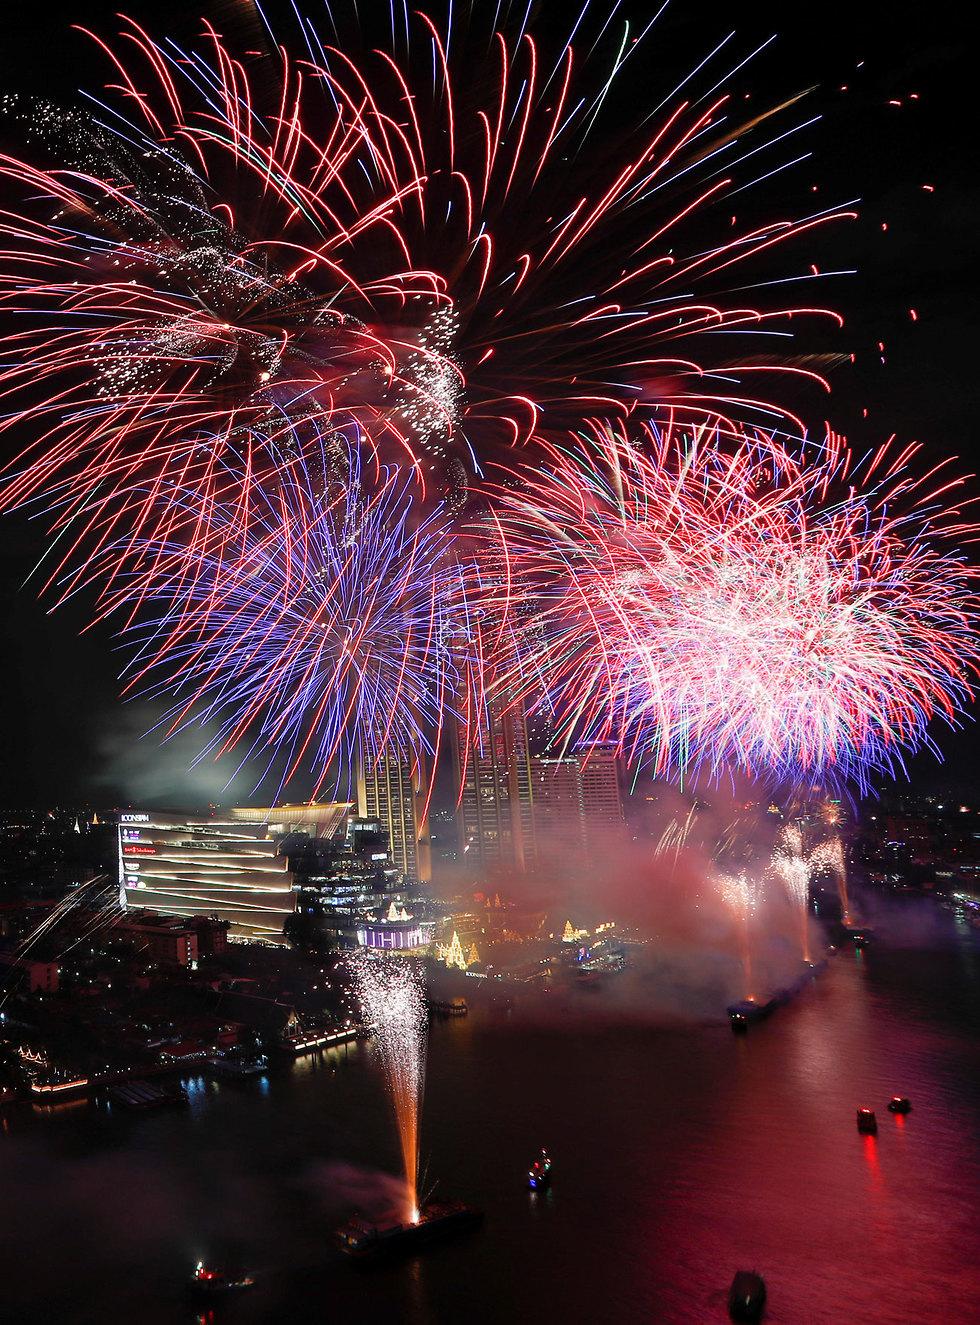 חגיגות השנה החדשה 2020 בנגקוק תאילנד (צילום:  רויטרס)